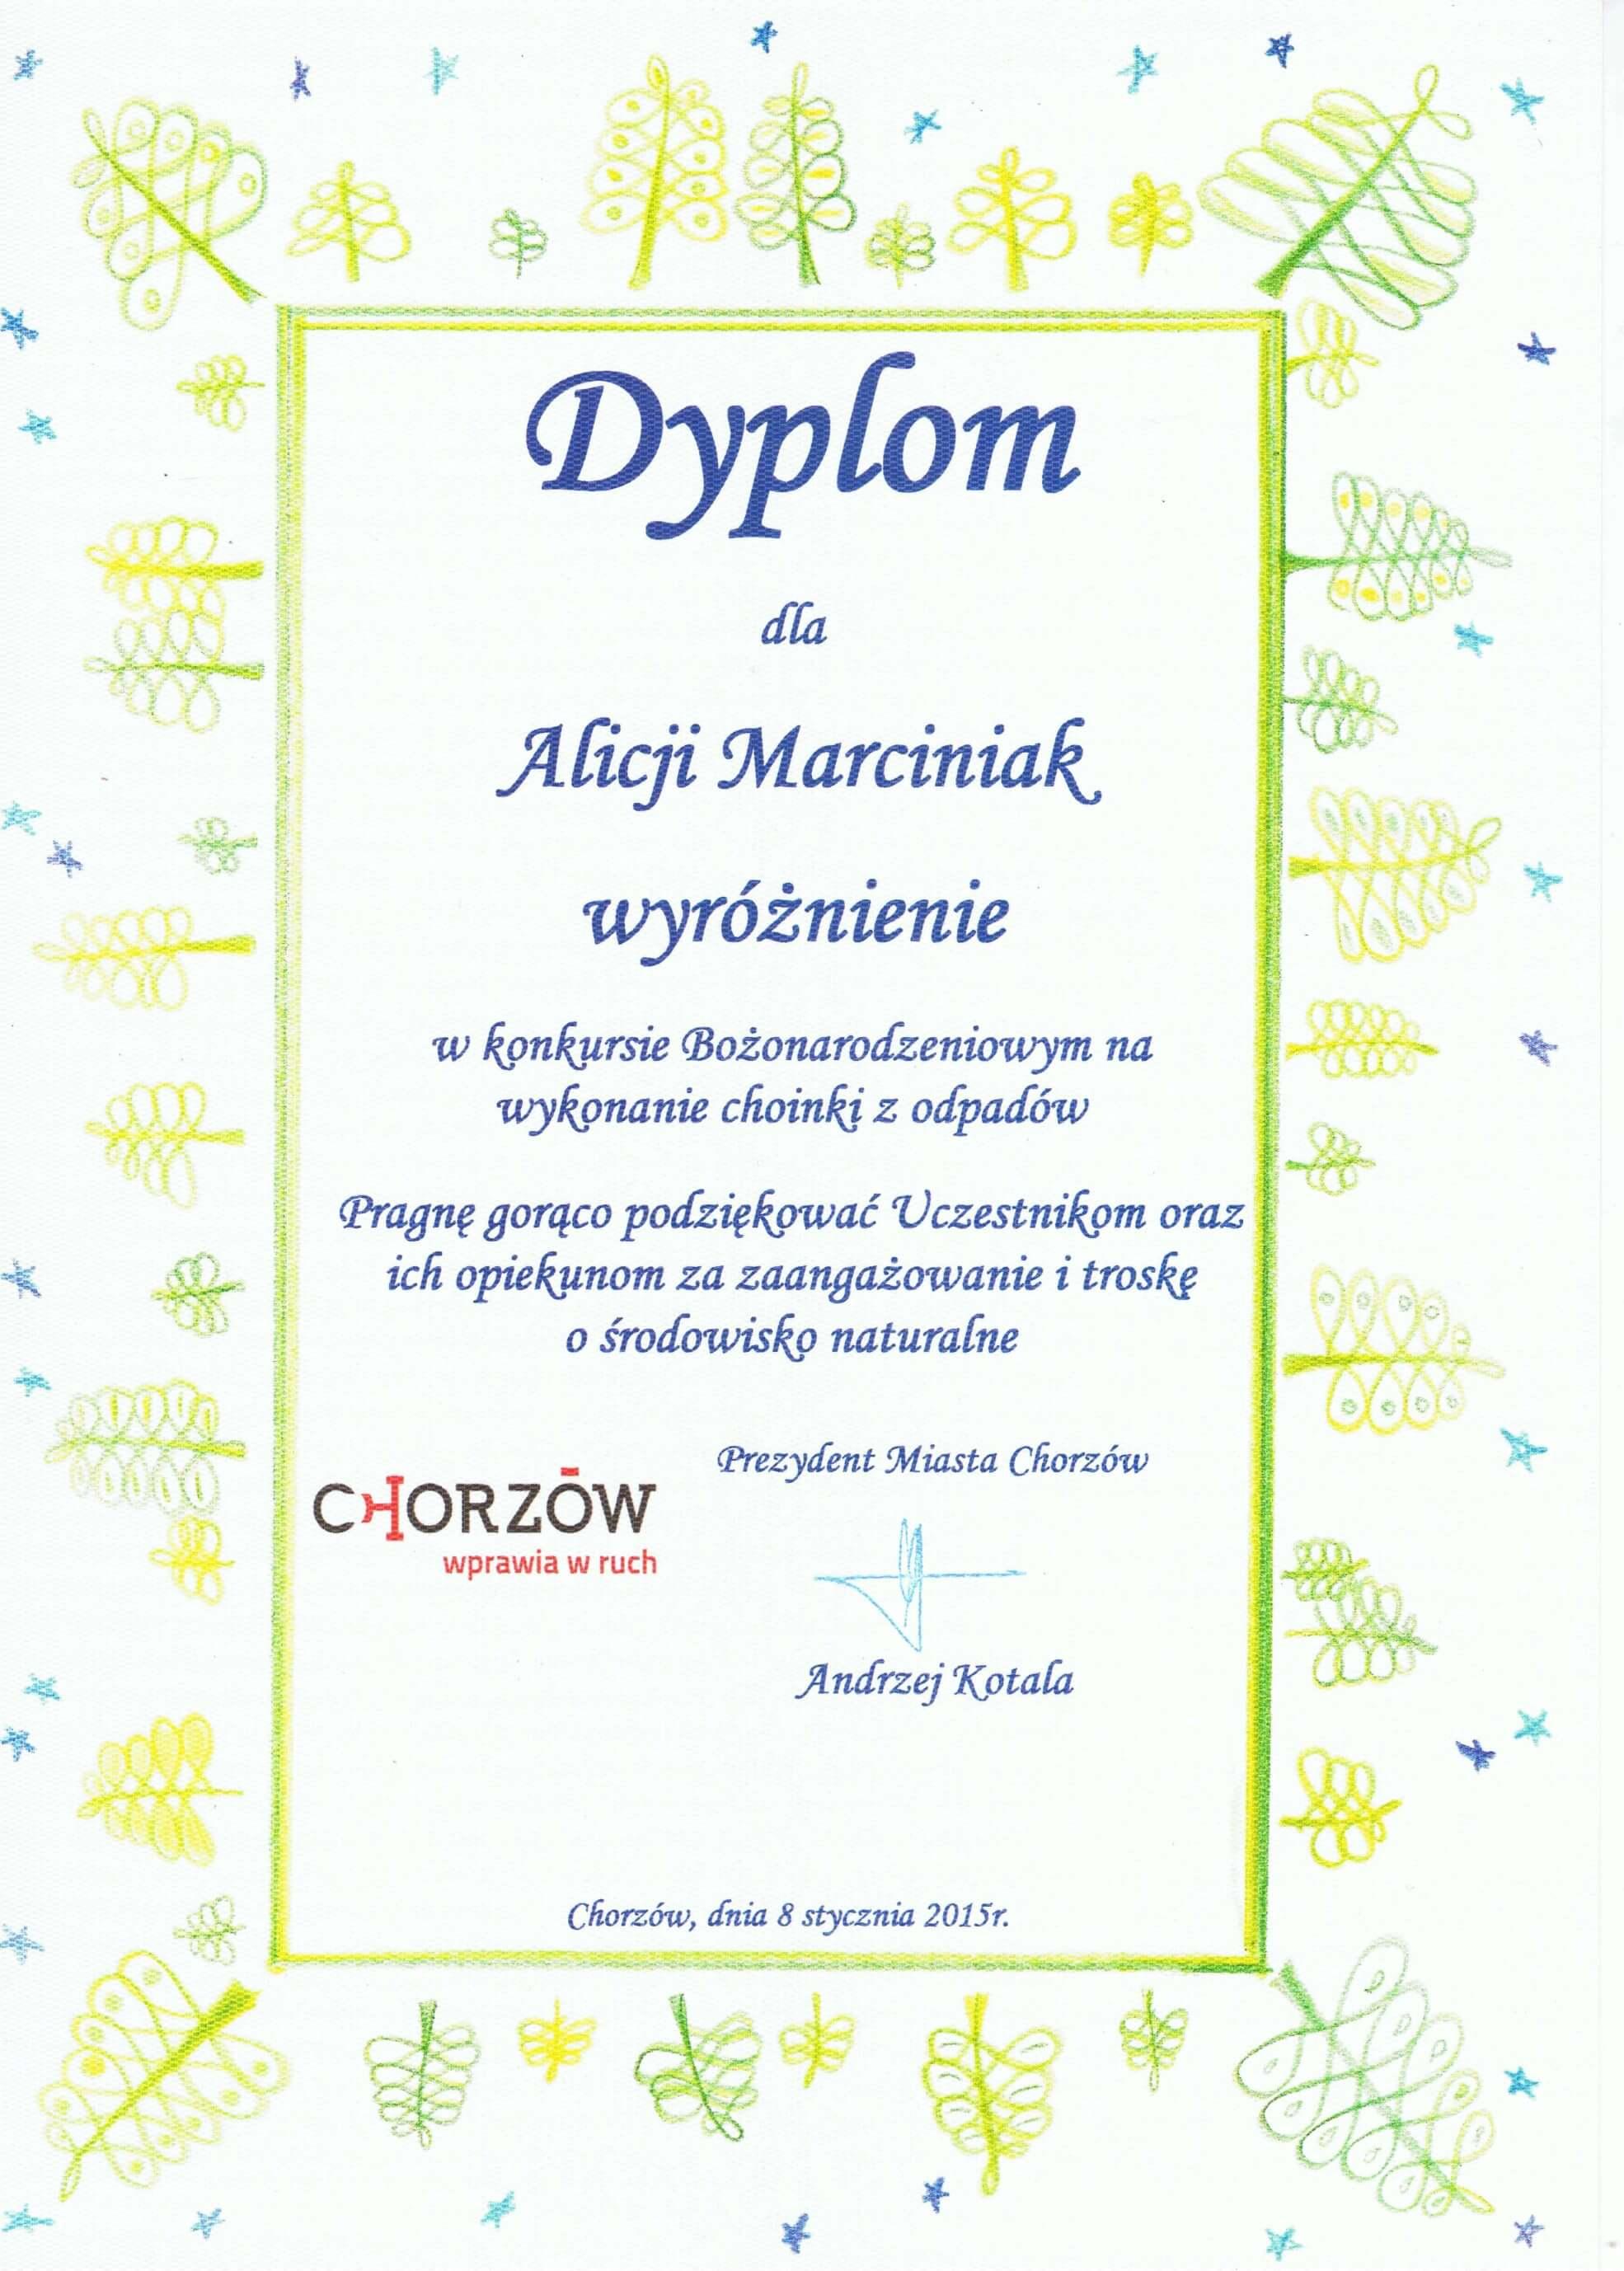 dyplom za udział w konkursie bożonarodzeniowym